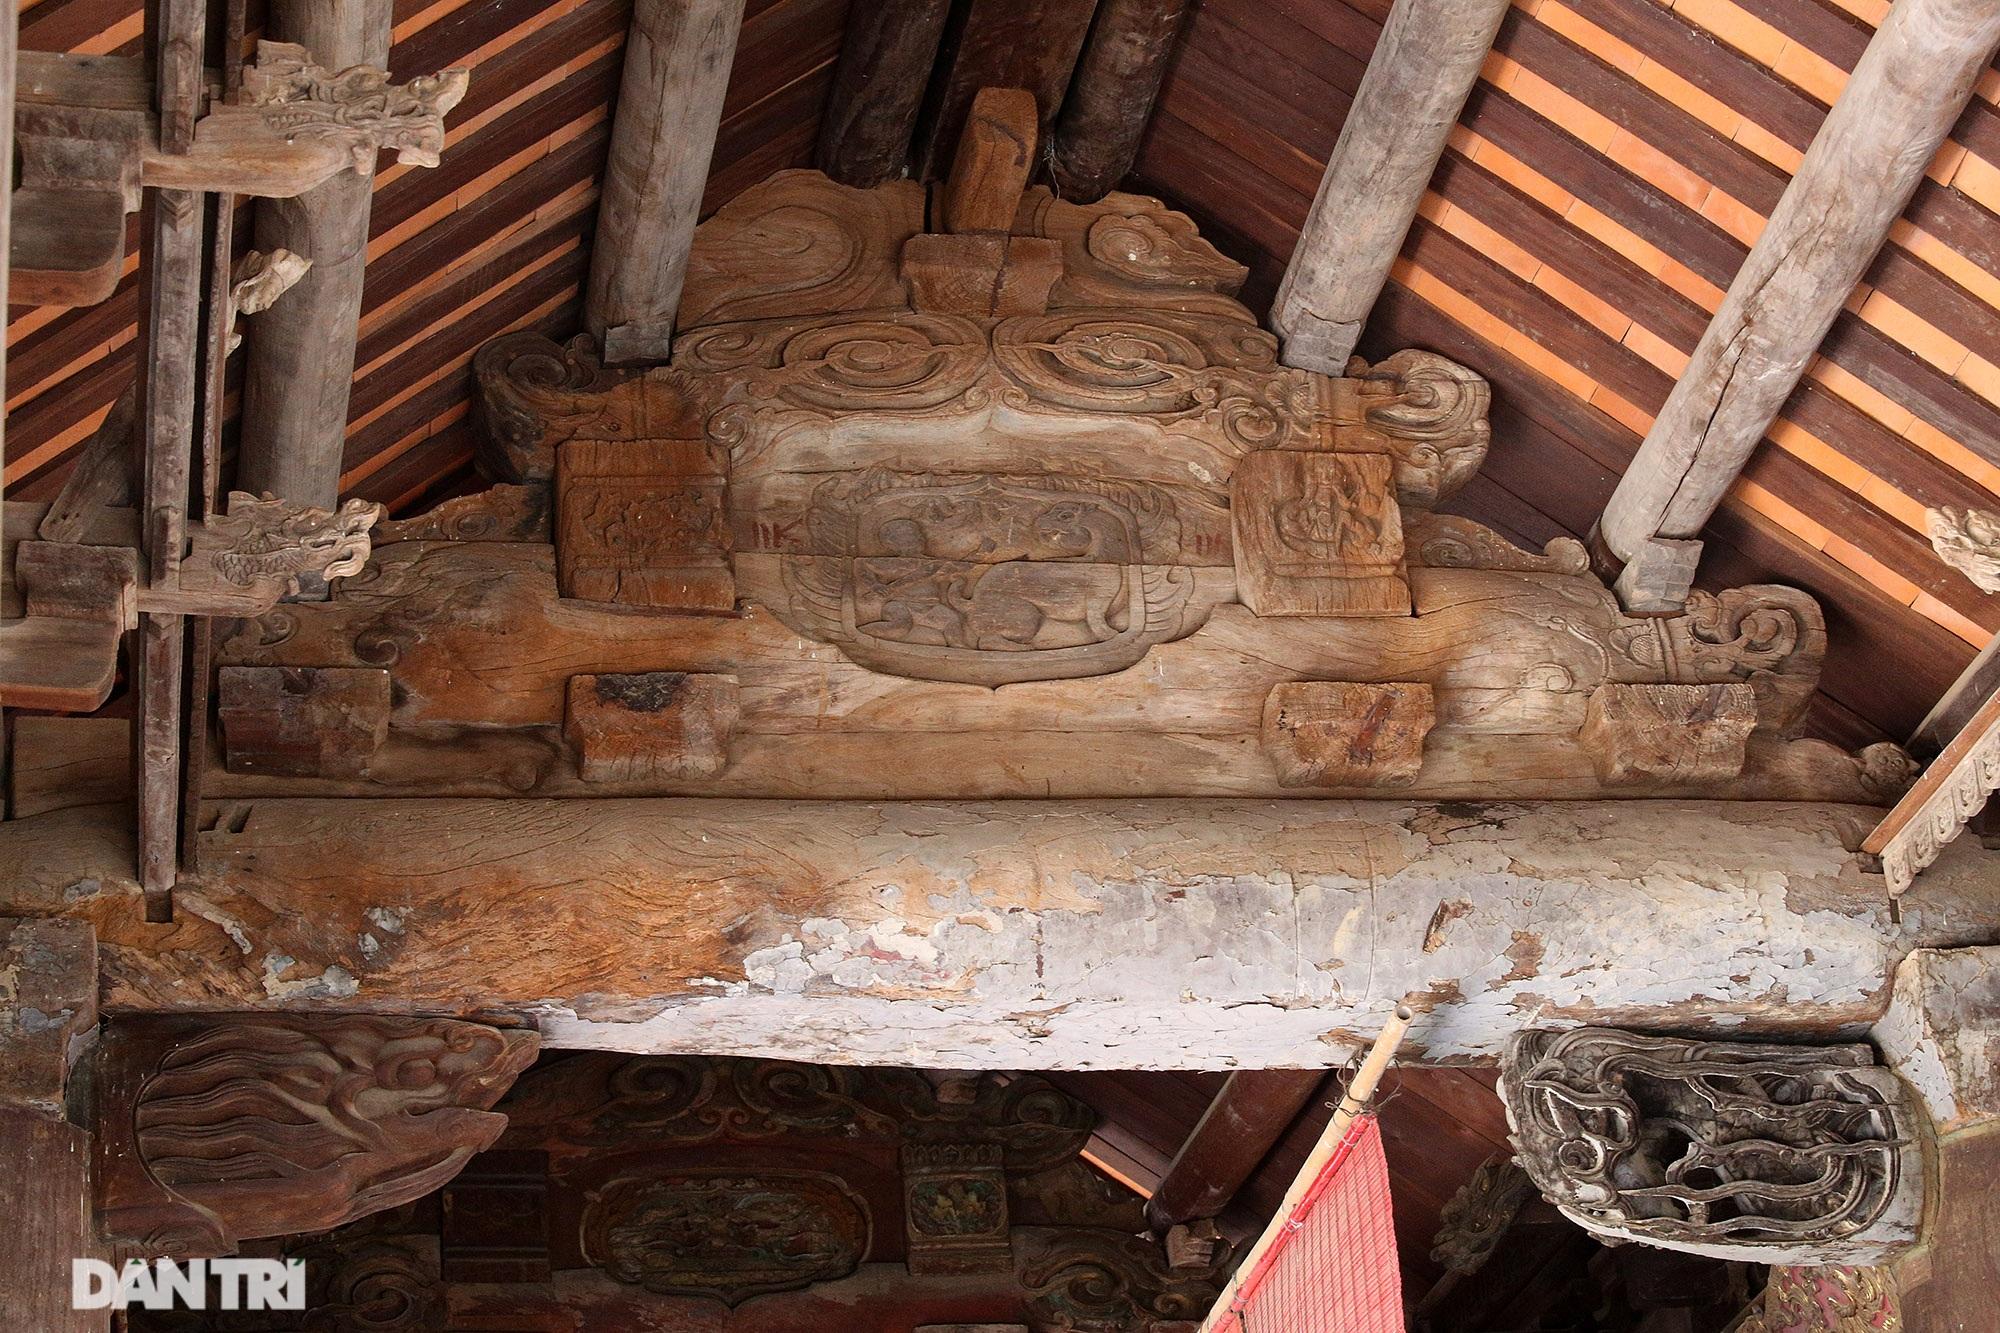 Chiêm ngưỡng tuyệt tác chạm khắc hơn 400 năm tuổi tại Hà Nội - 8